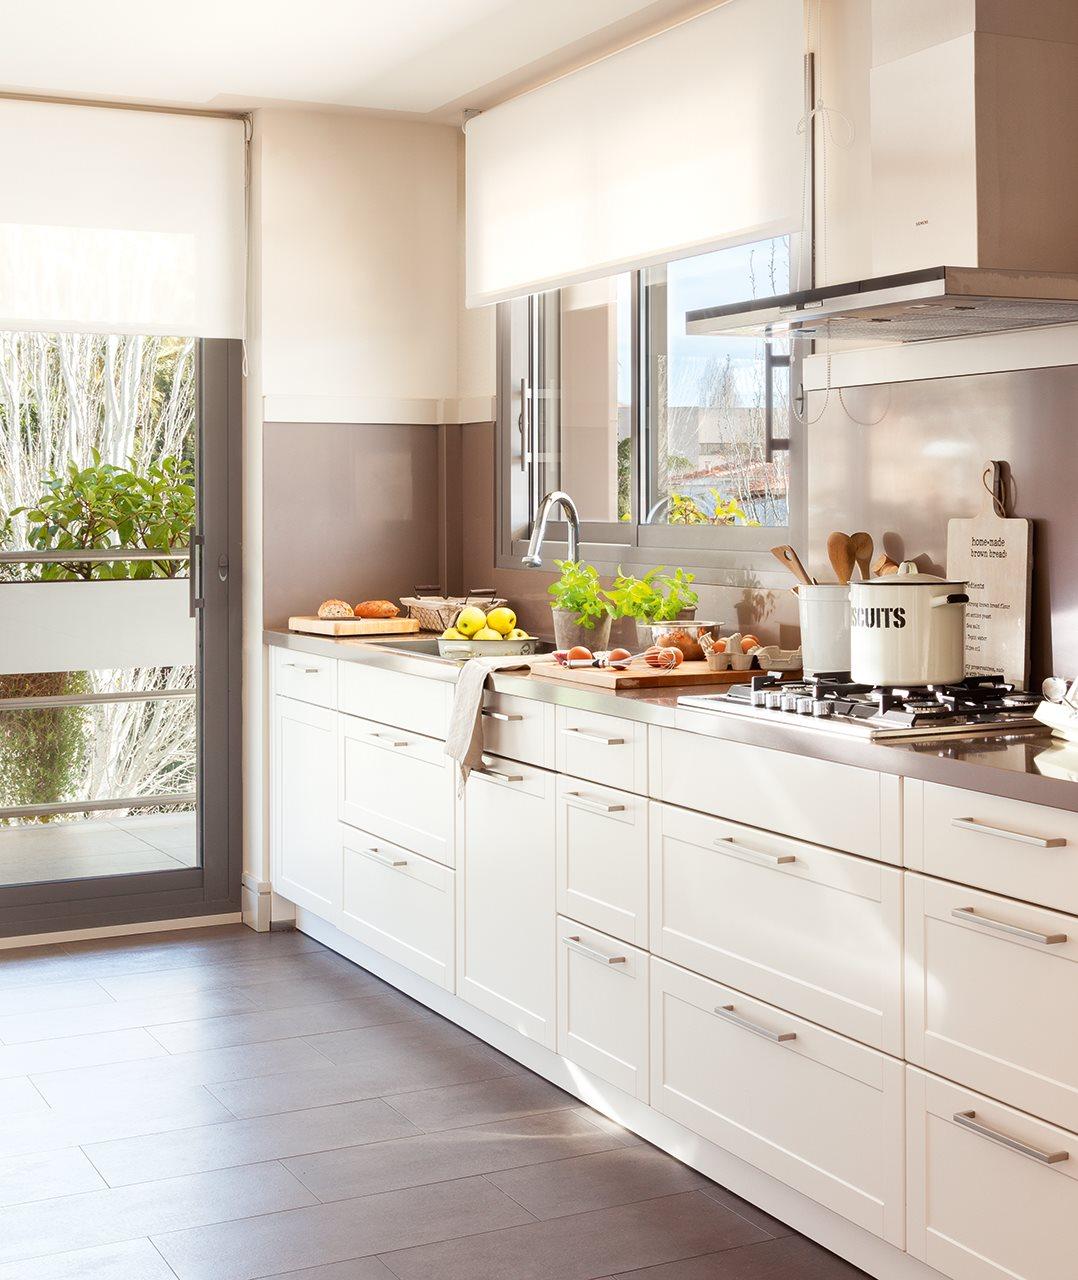 Aprovechar muebles mudanza for Cocina con vitroceramica